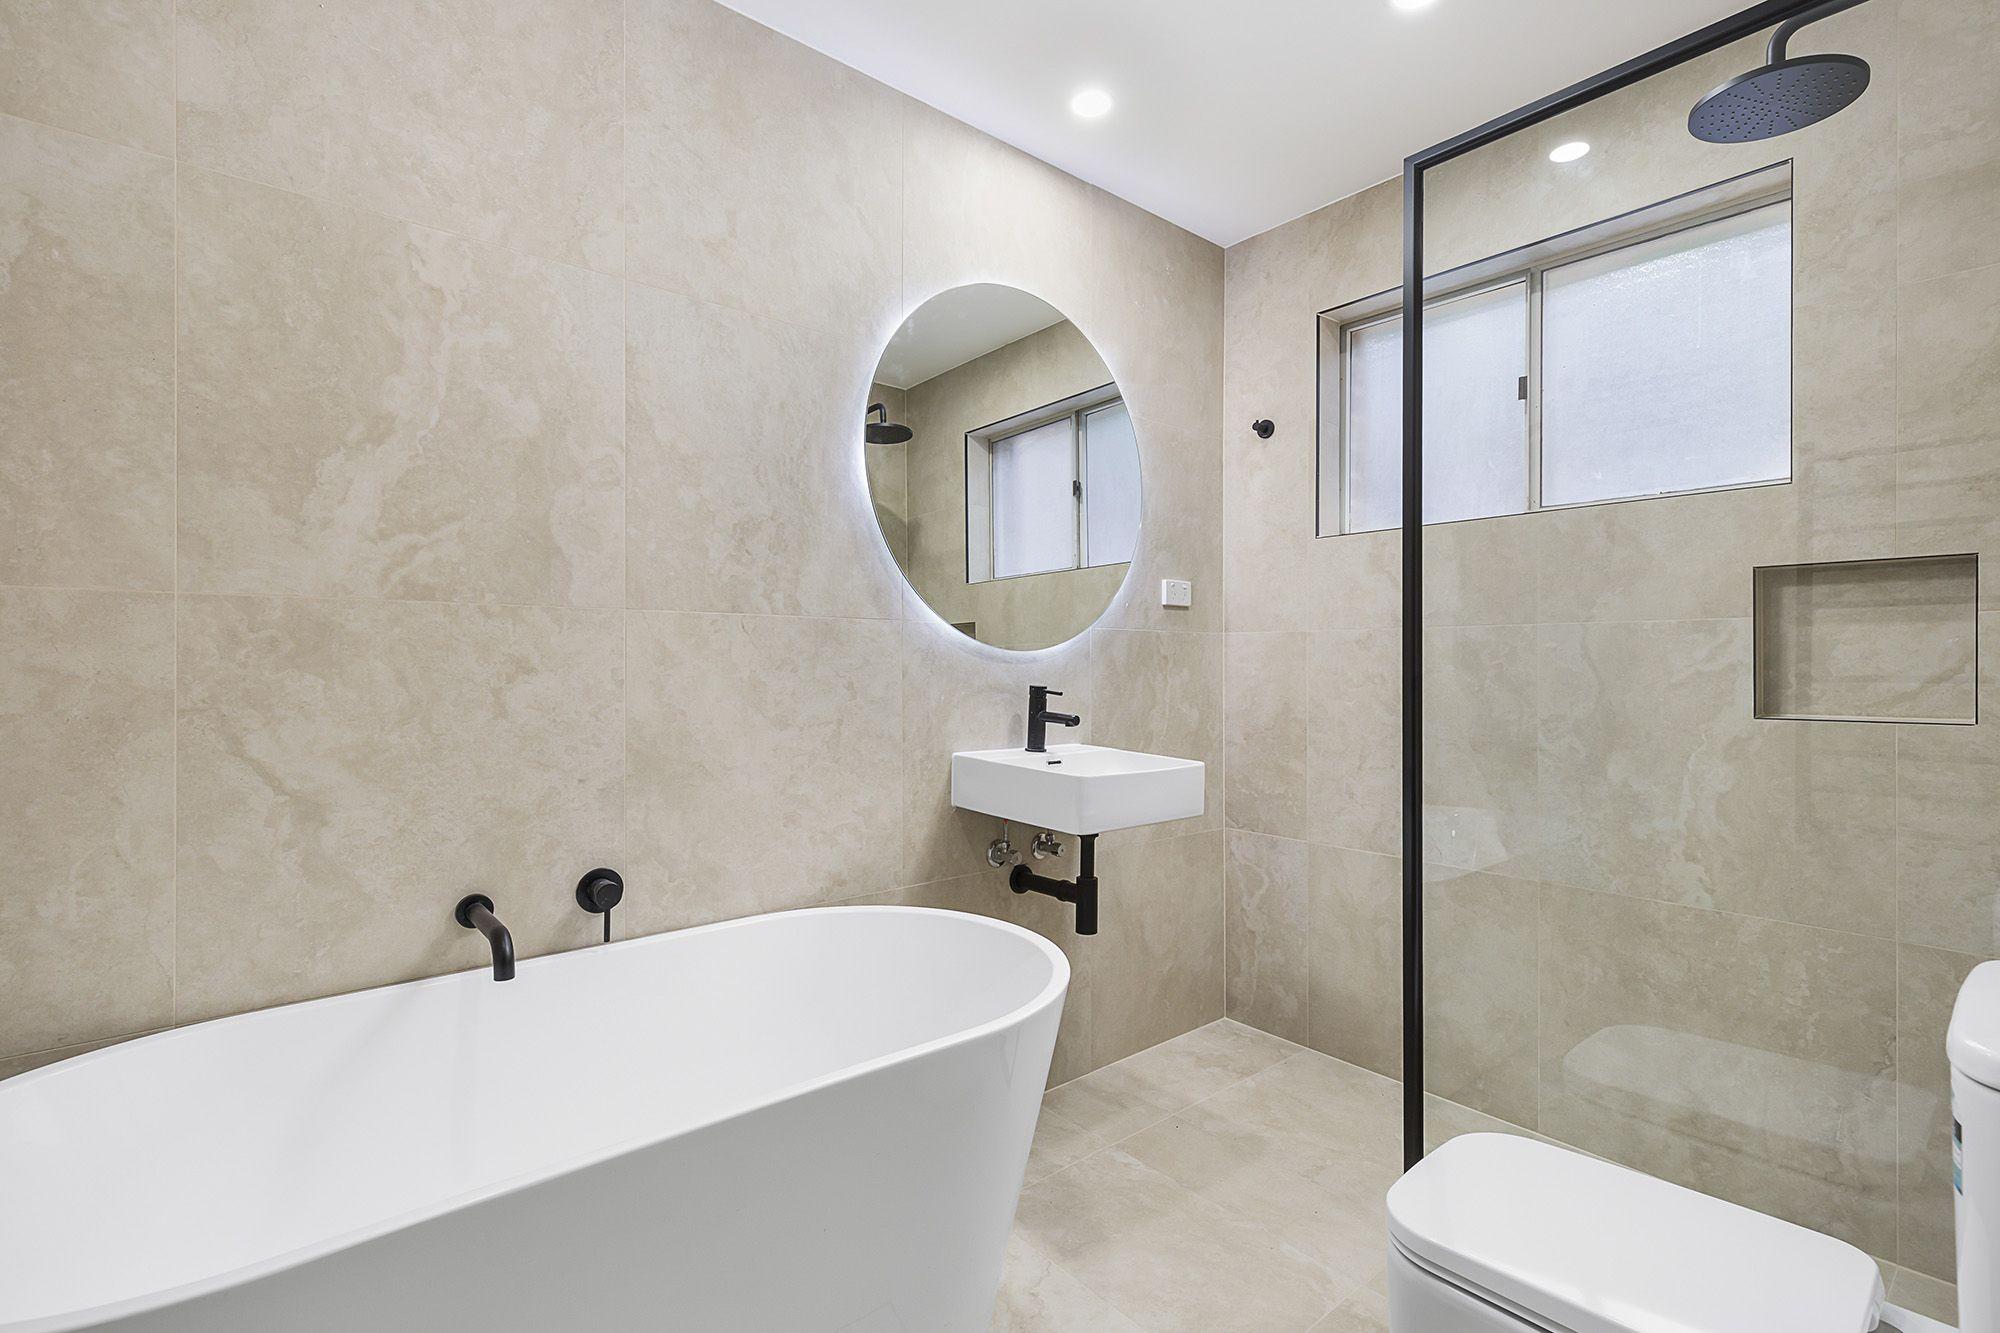 Buy A Oatley Online At Luke S Renovations In Sydney Bathroom Renovations Sydney Elegant Bathroom Design Luxury Bathroom Vanities